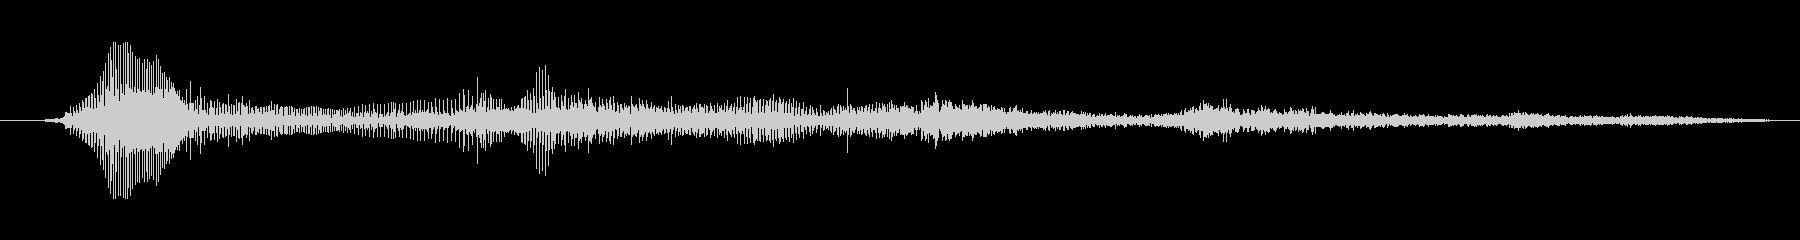 鳴き声 男性のうなり声03の未再生の波形